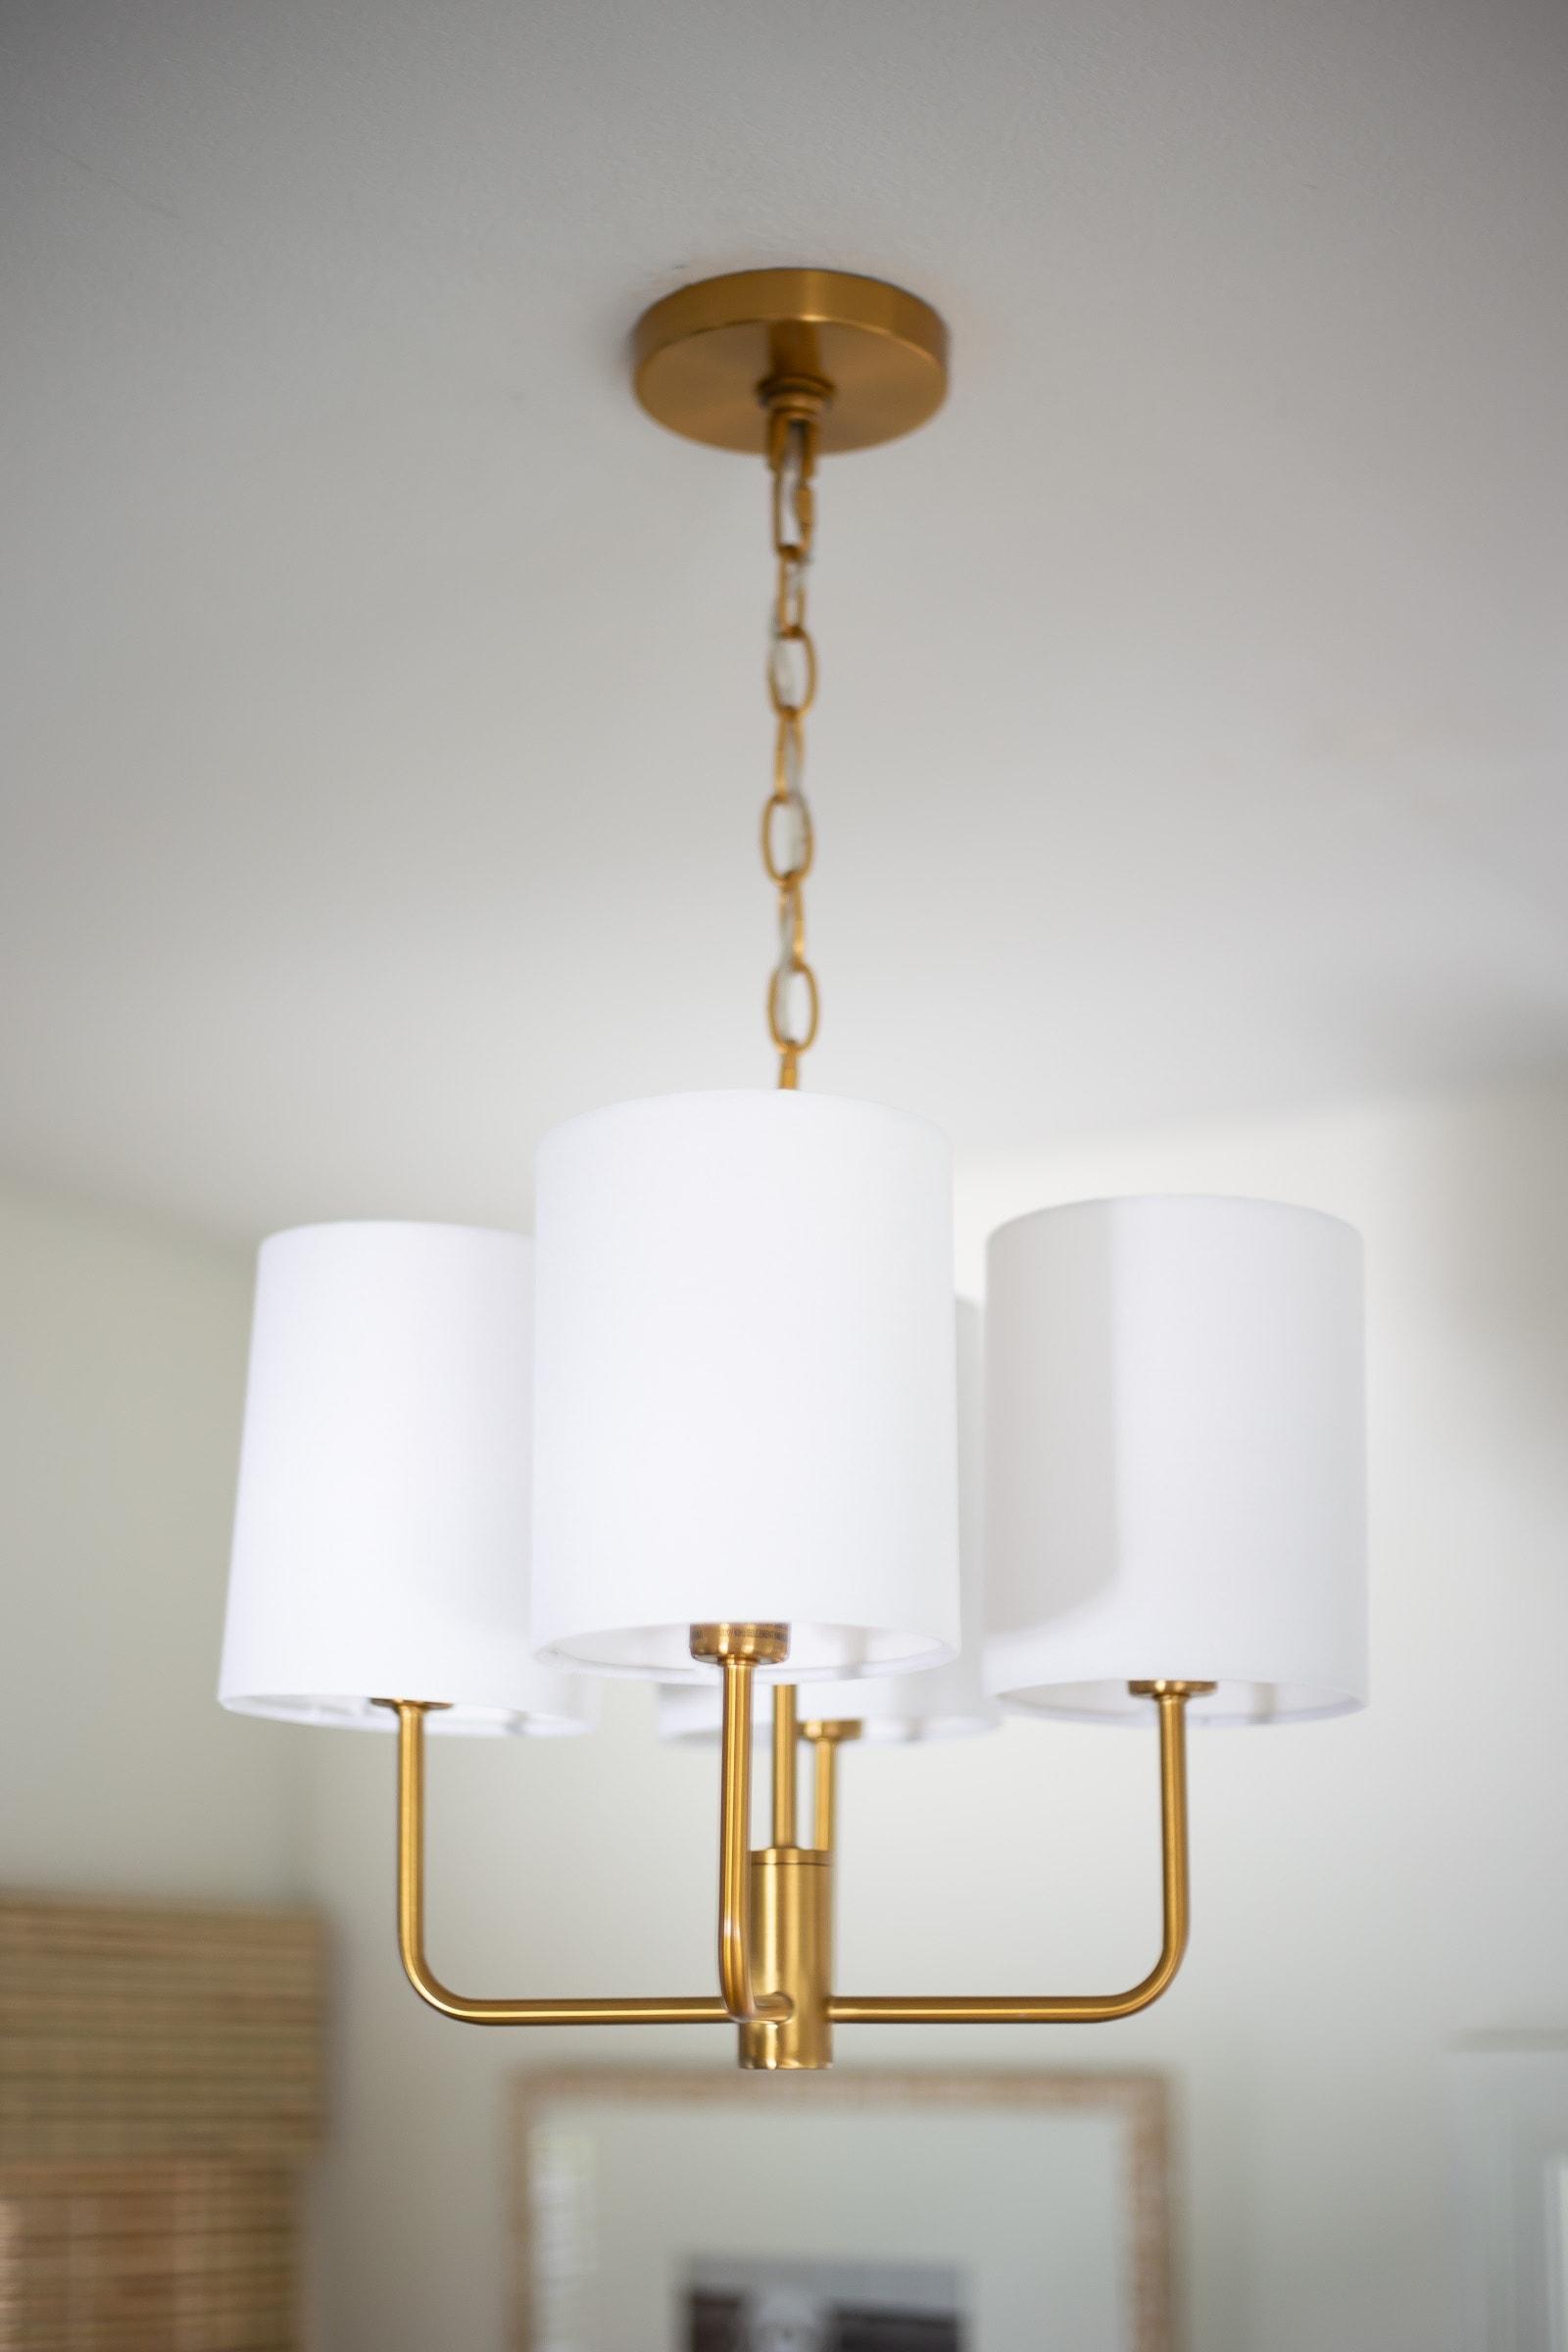 modern brass chandelier in laundry room